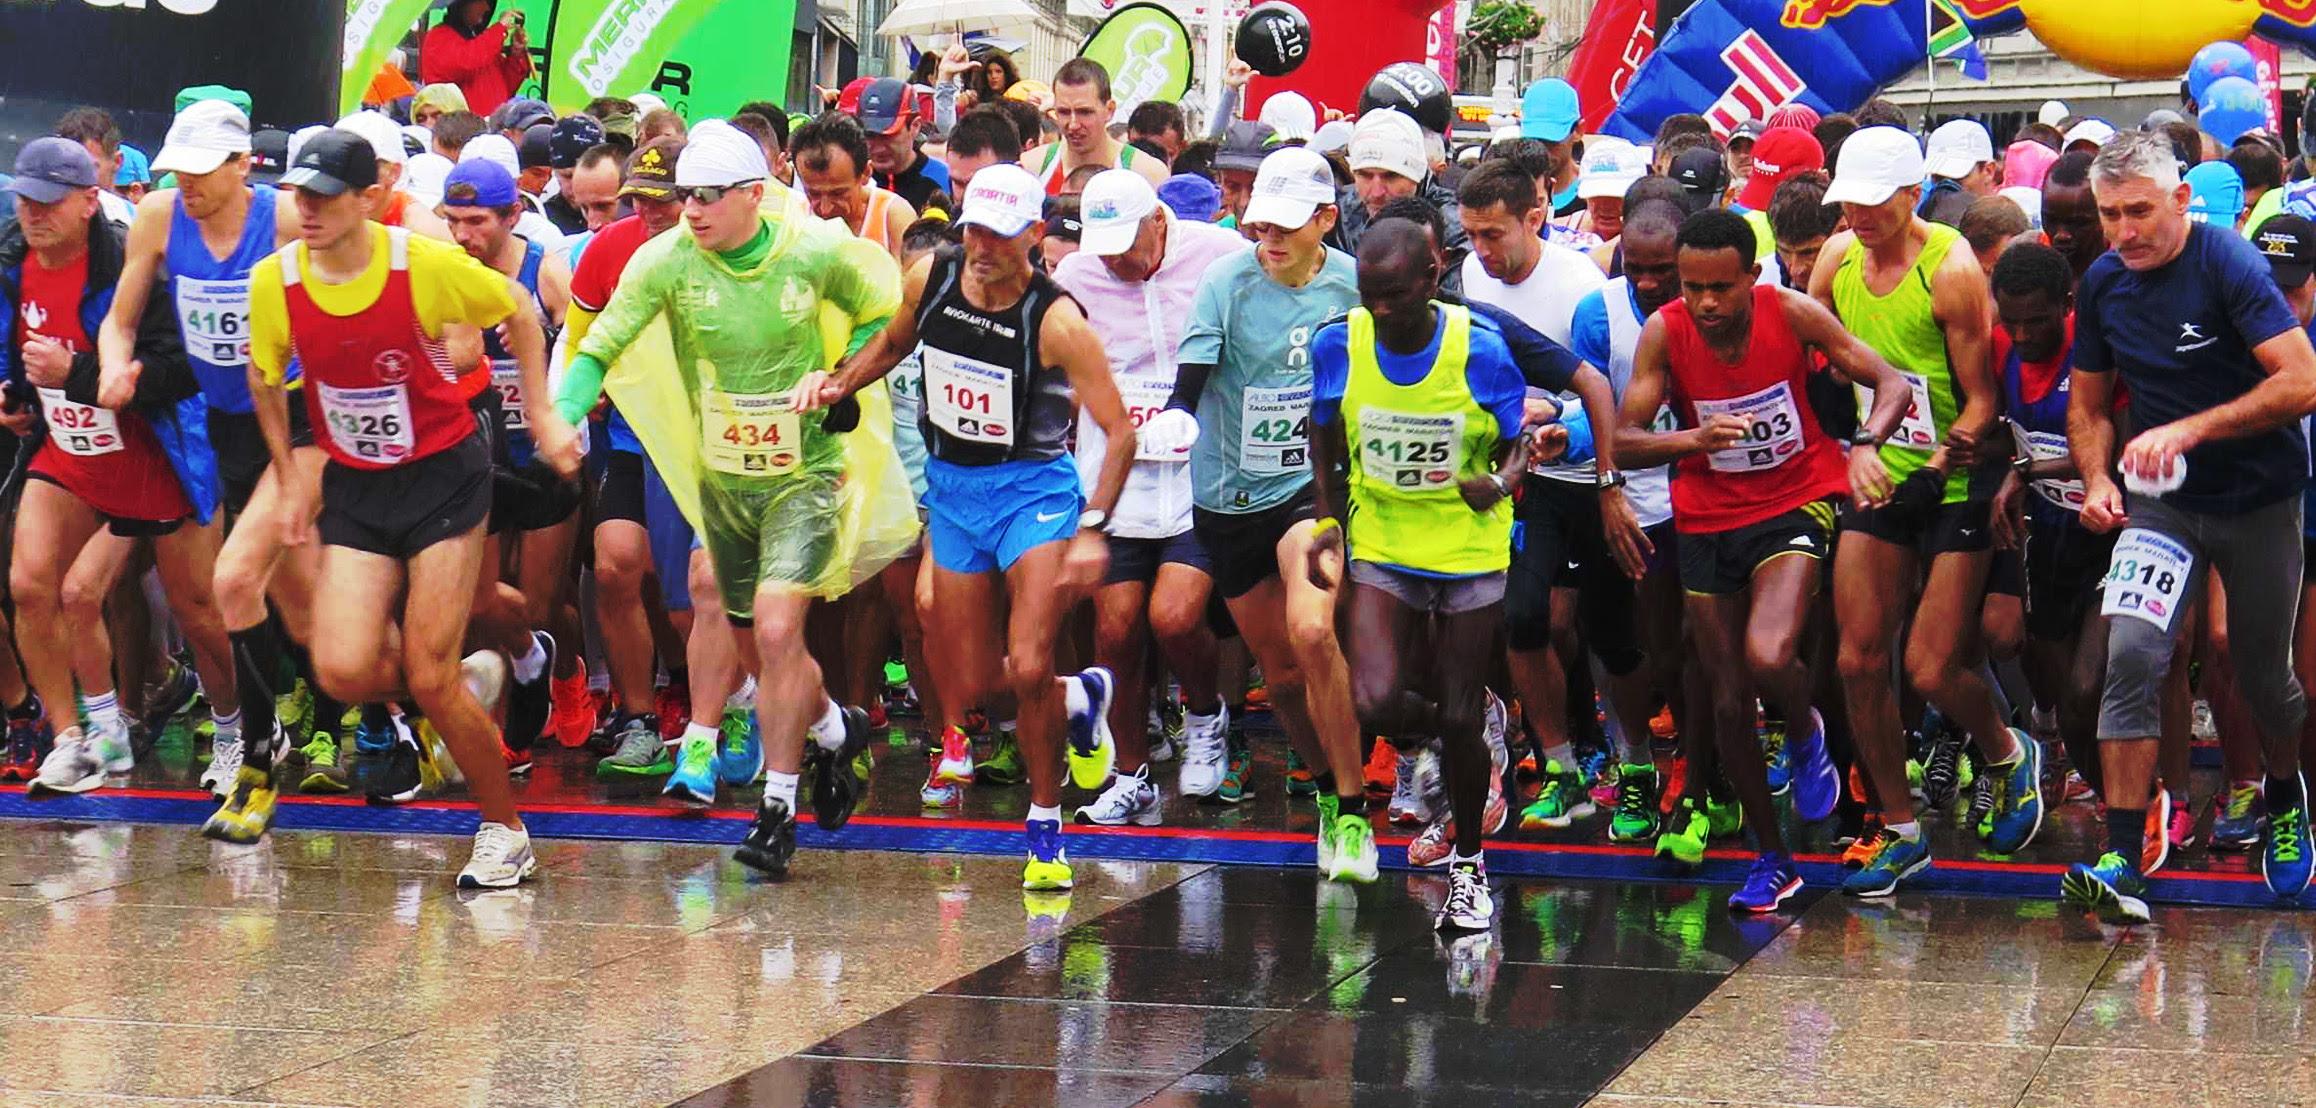 RUN CROATIA POZIVA: Dijeli prijevoz i trči, učini nešto dobro za sebe - kako?